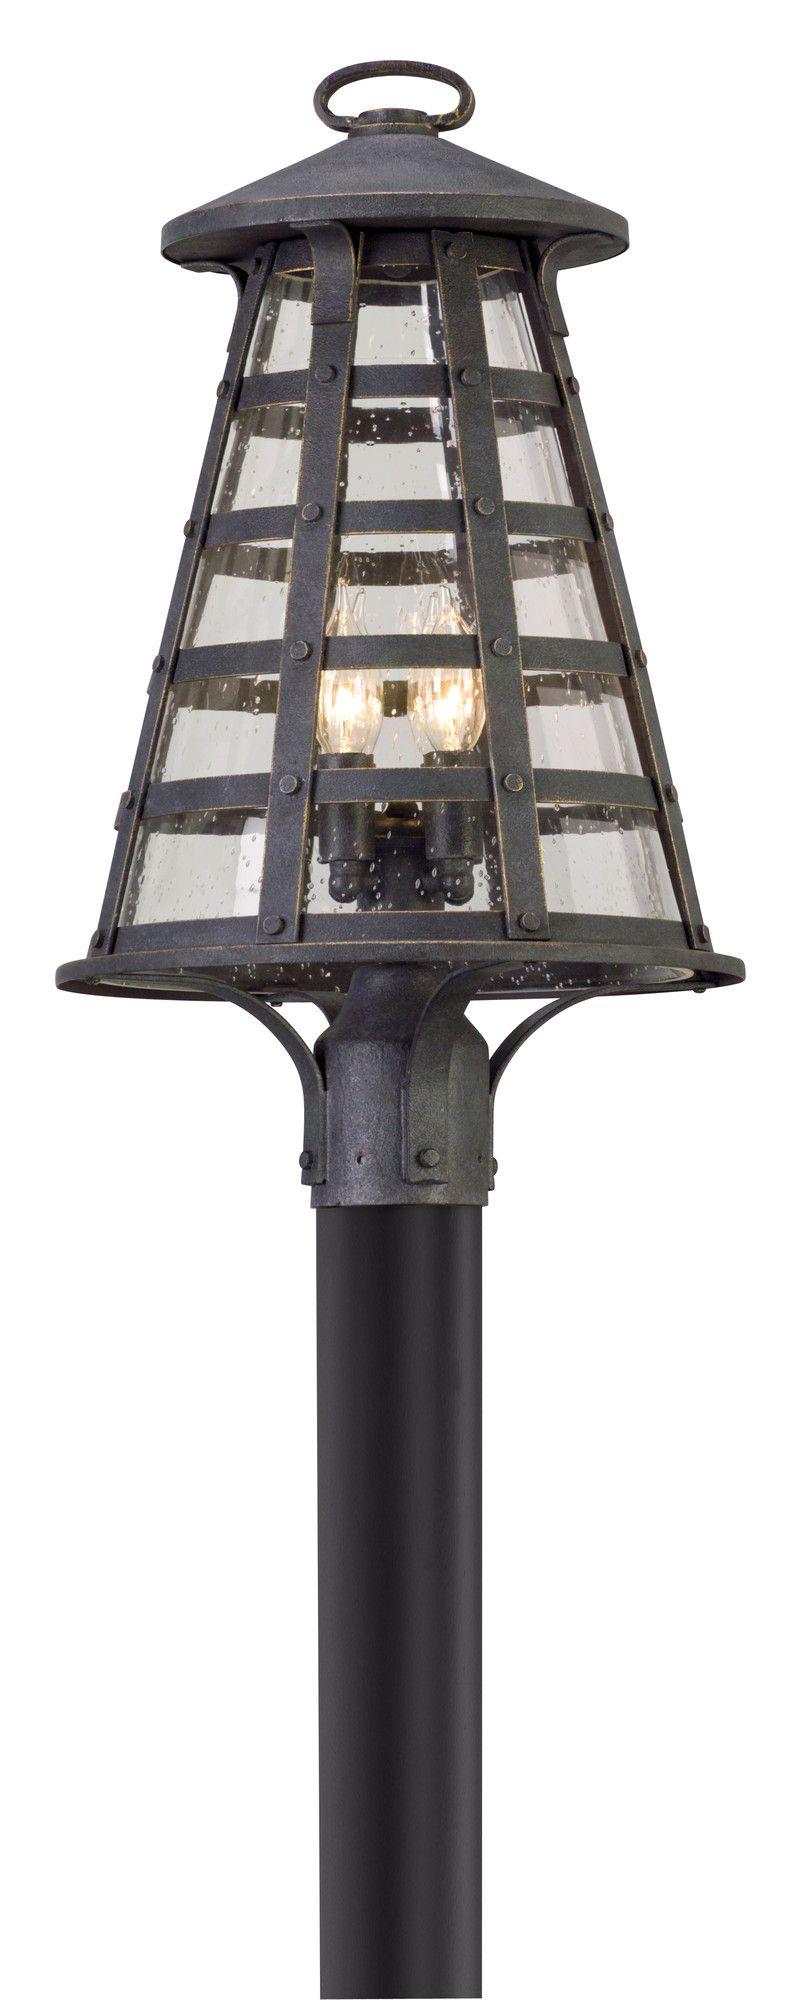 Benjamin 4 Light Outdoor Post Light